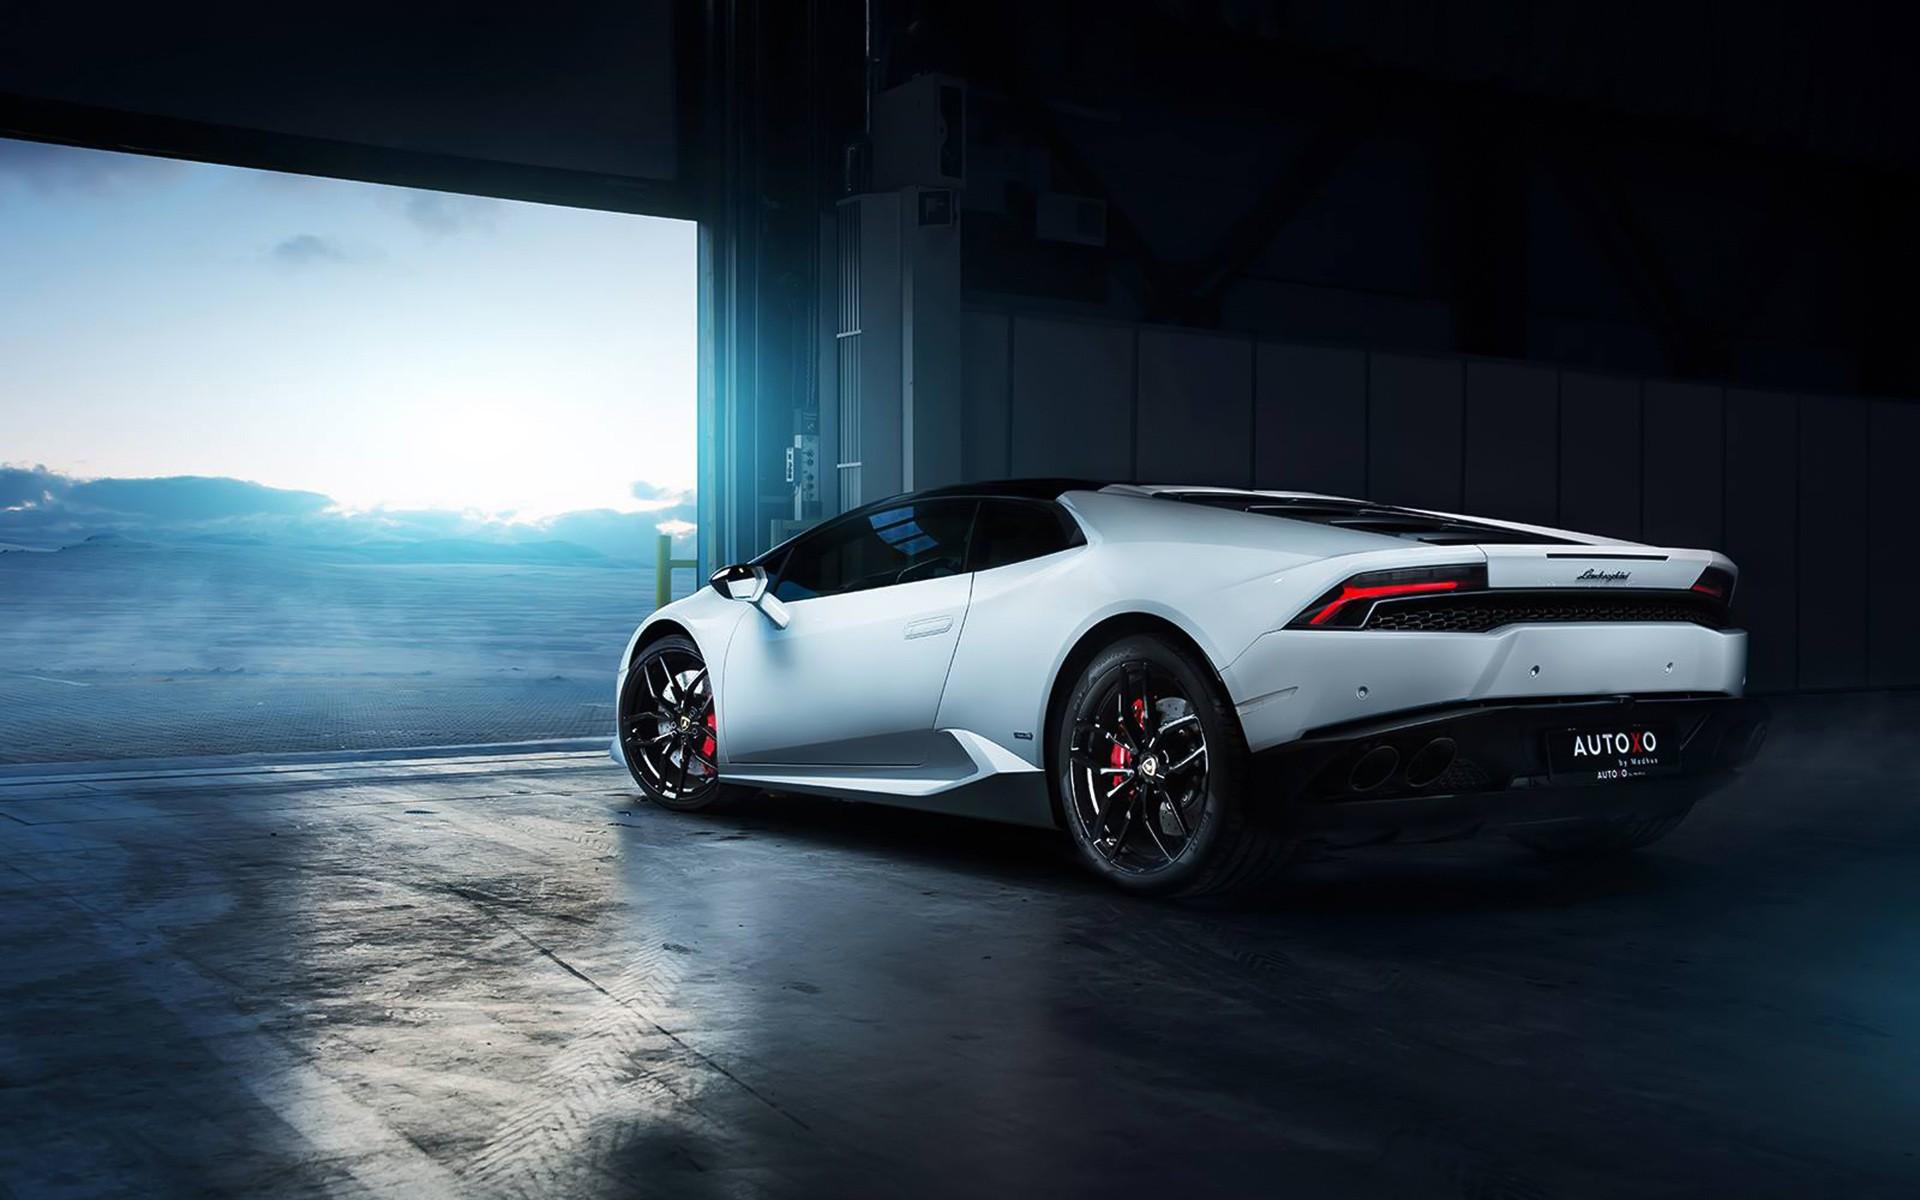 Cars Hd Wallpapers 1080p For Pc Bmw Lamborghini Huracan Lp610 4 Wallpaper Hd Car Wallpapers